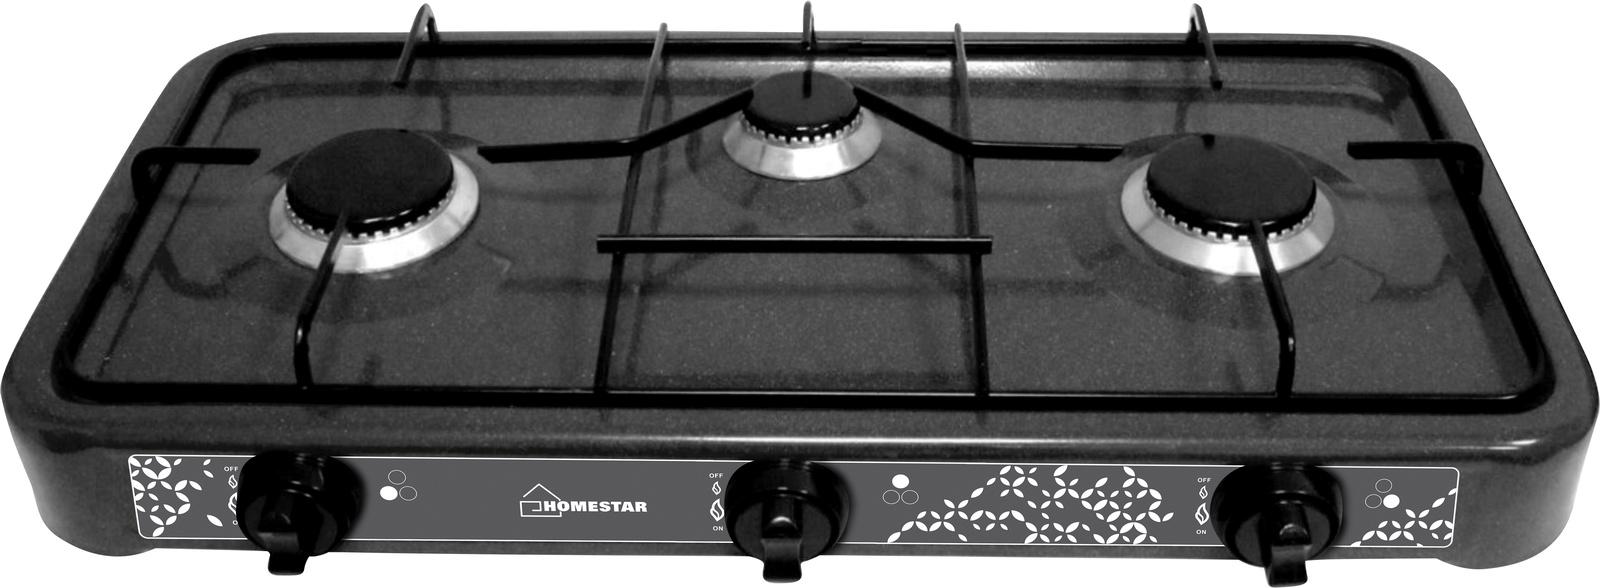 Настольная плита HOMESTAR HS-1203, 54 003700, черный отпариватель homestar hs 7003